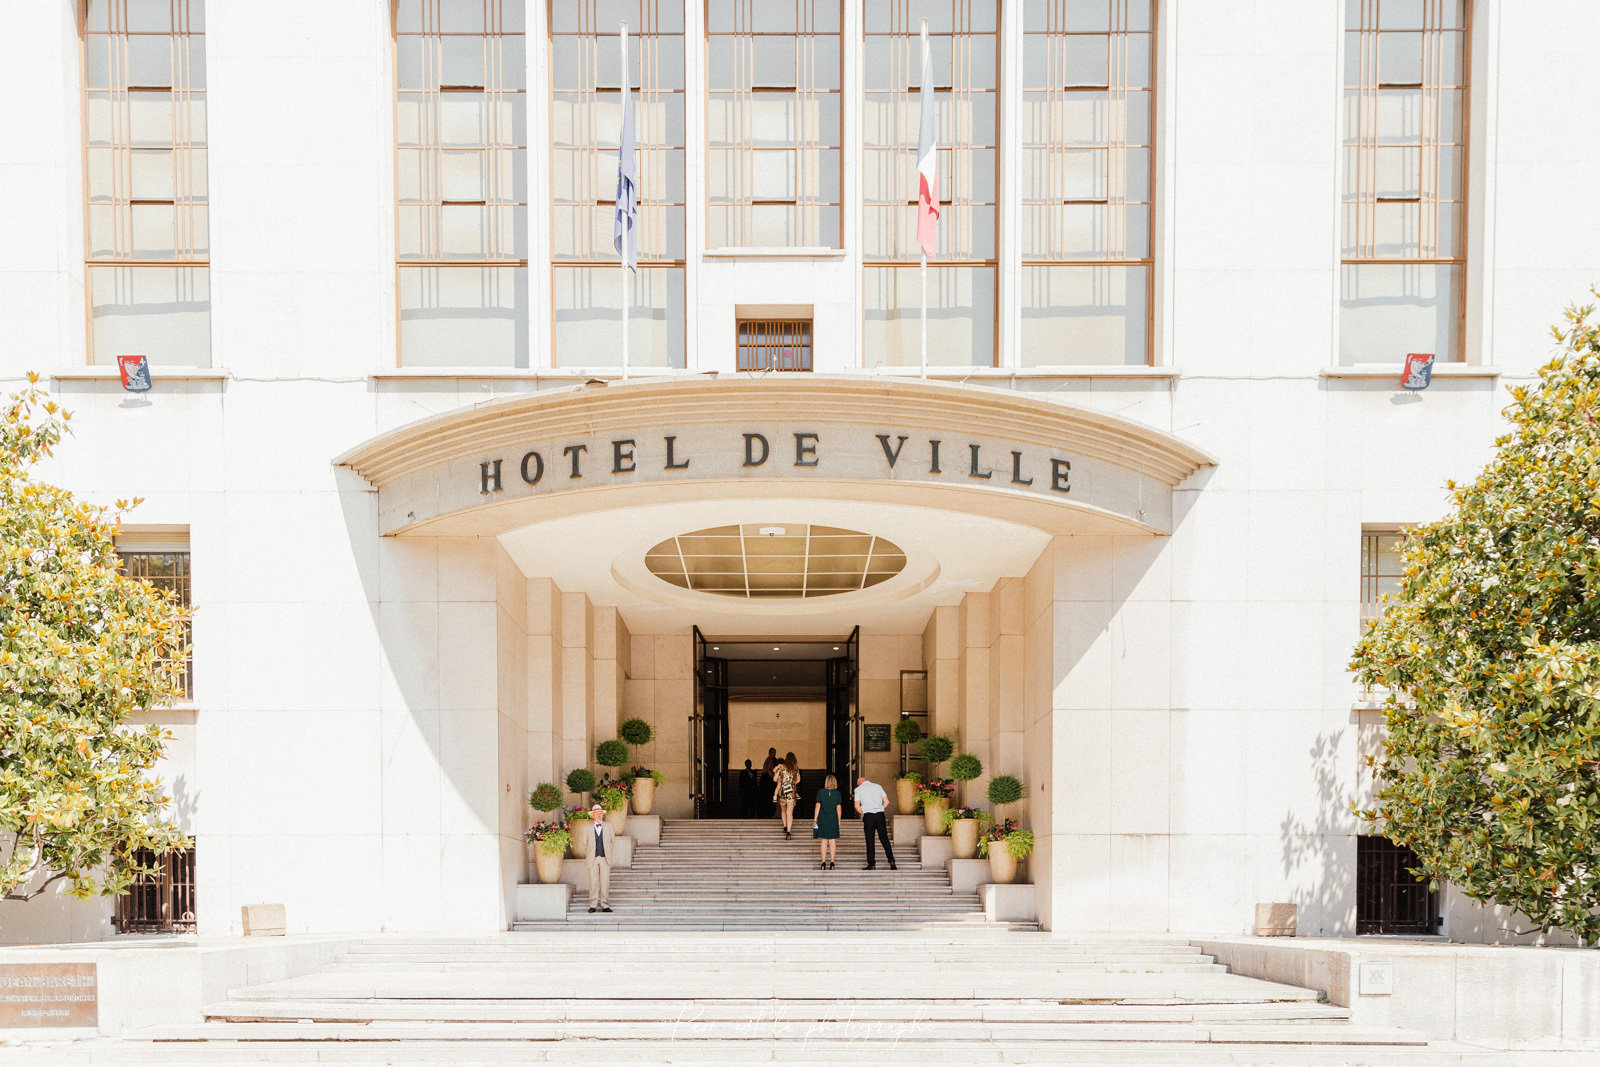 Hotel de ville de Boulogne Billancourt